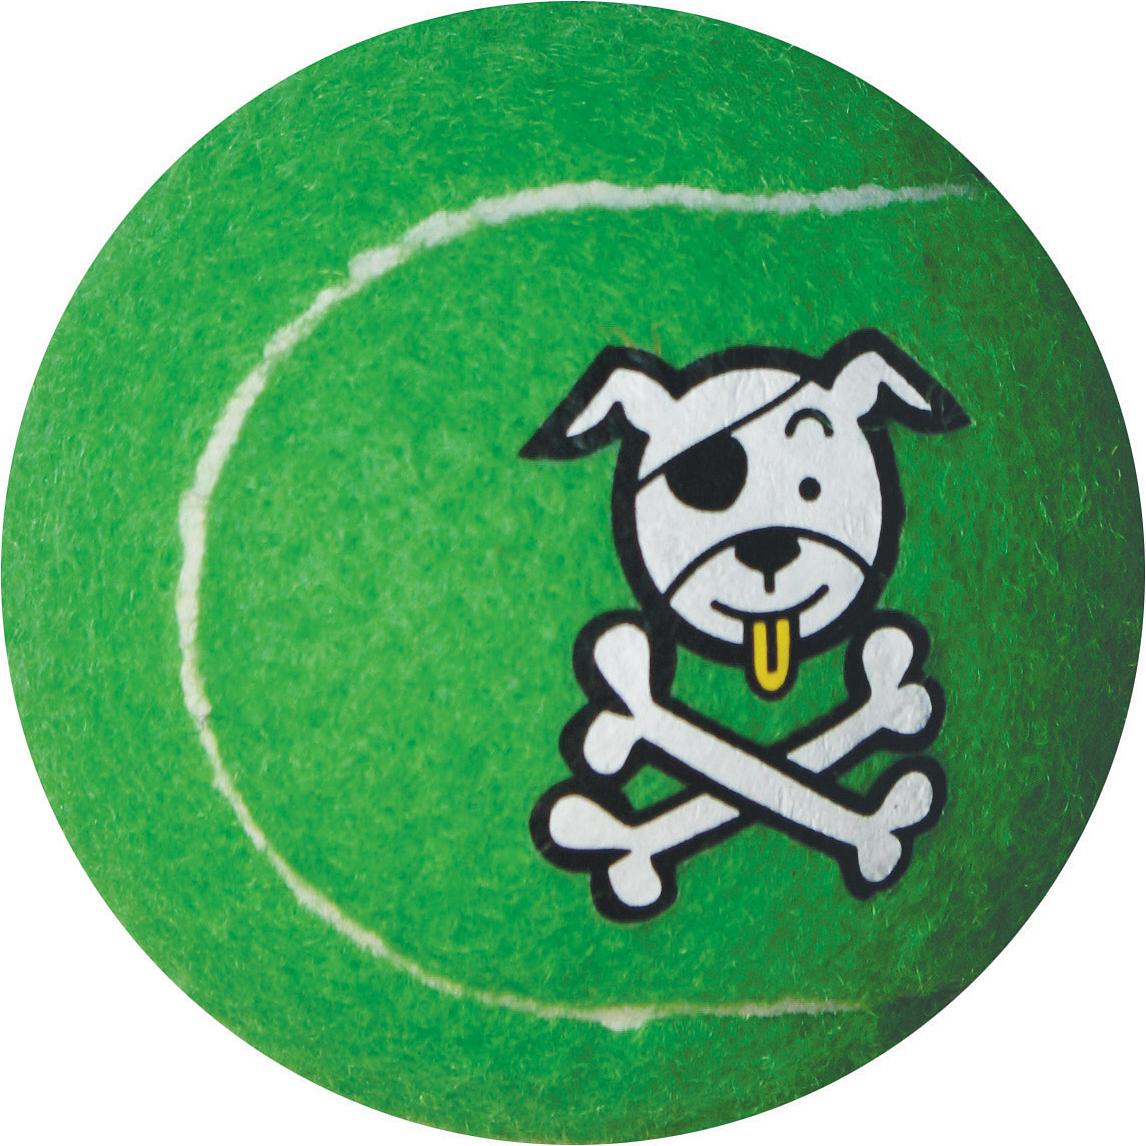 Игрушка для собак Rogz  Molecules , цвет: лайм, диаметр 8 см. MC03L - Игрушки